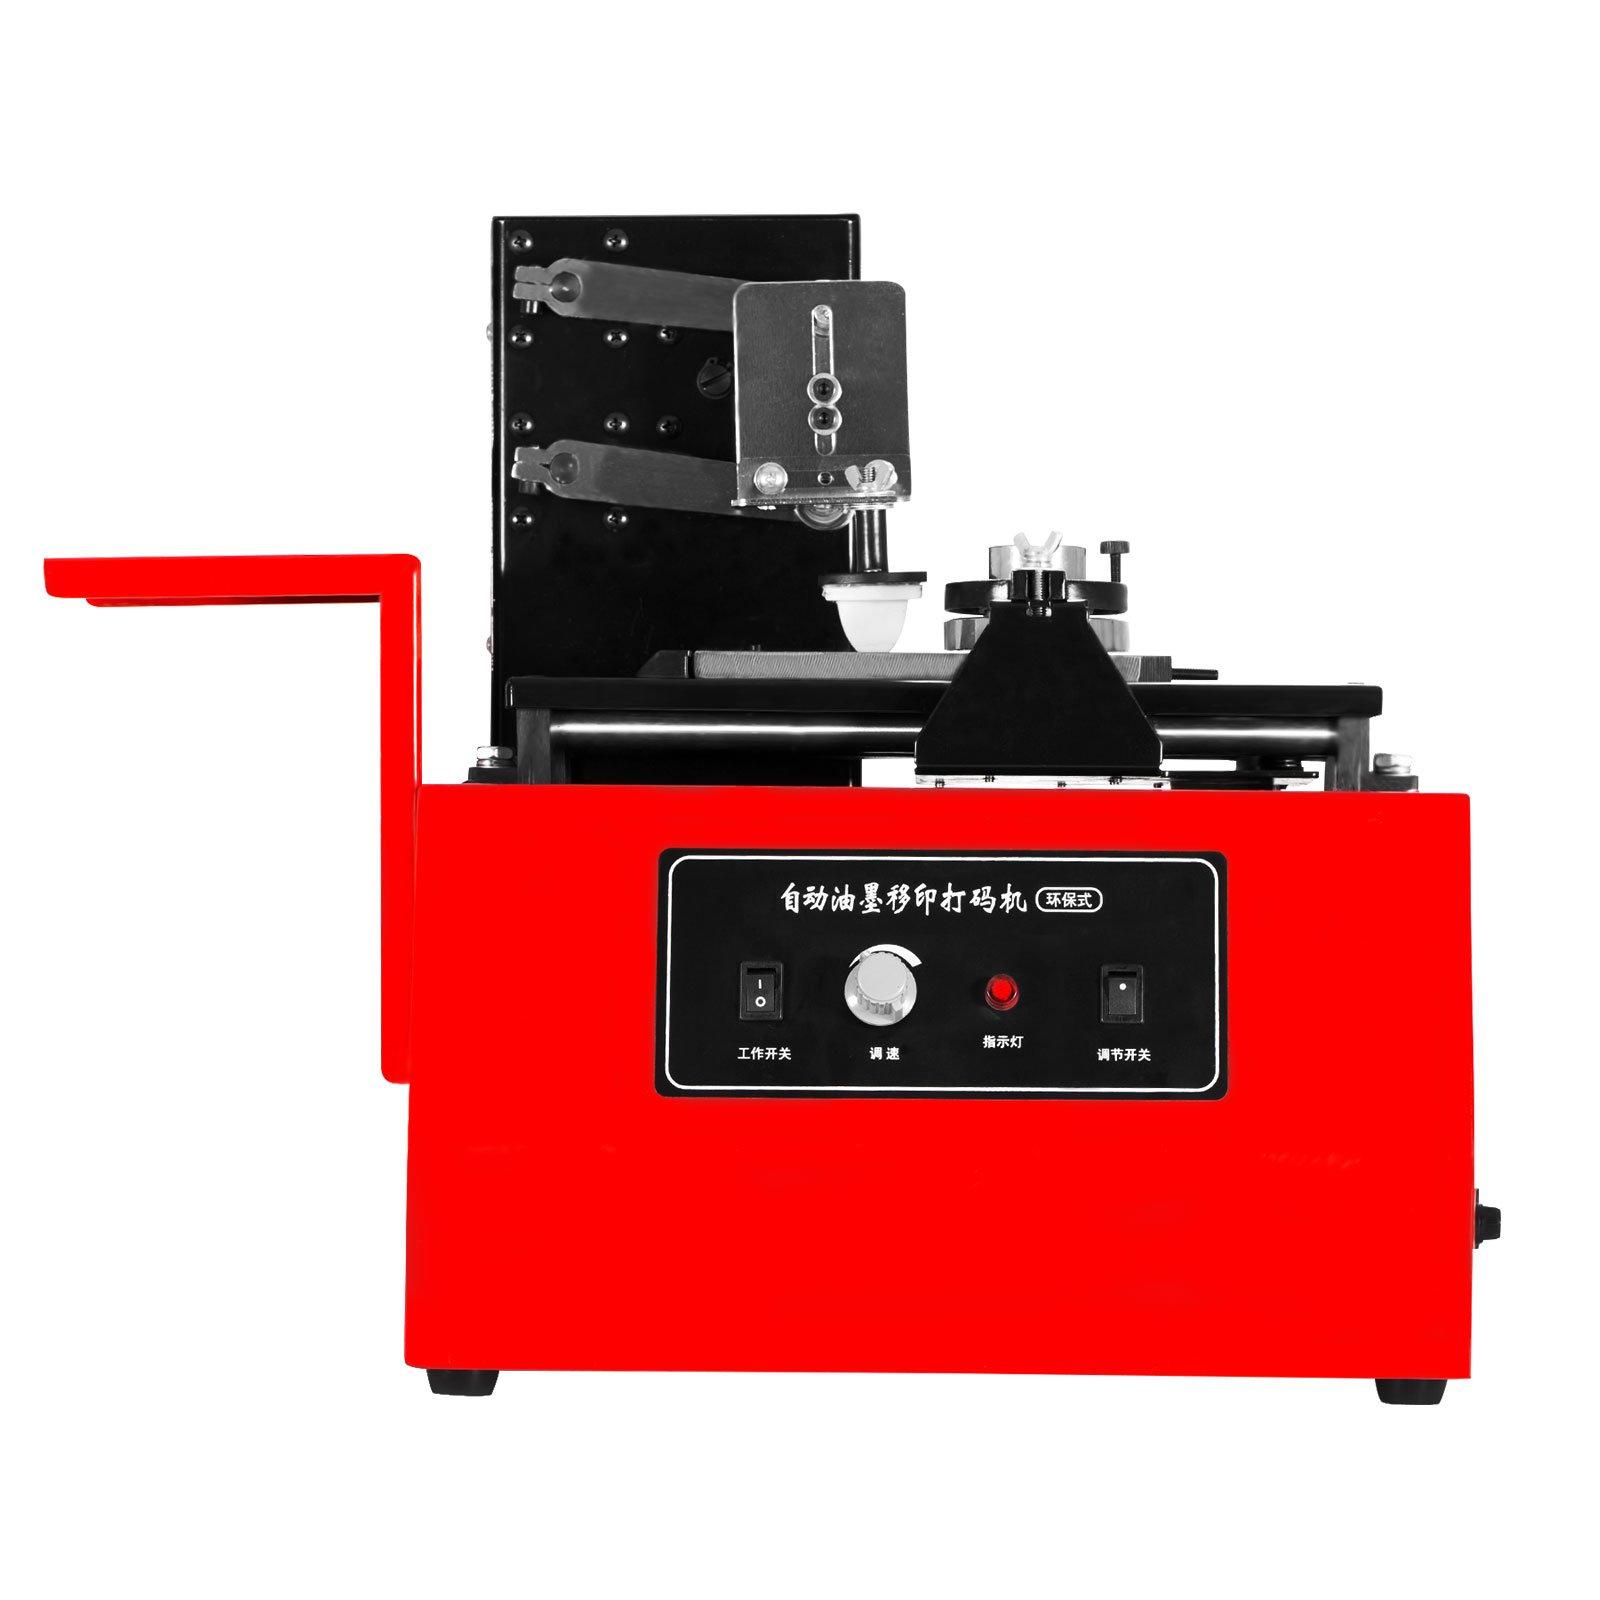 VEVOR Pad Printer Machine Multi-function Electric Pad Printer Machine Automatic Ink Printing Machine for Code Light 110V by VEVOR